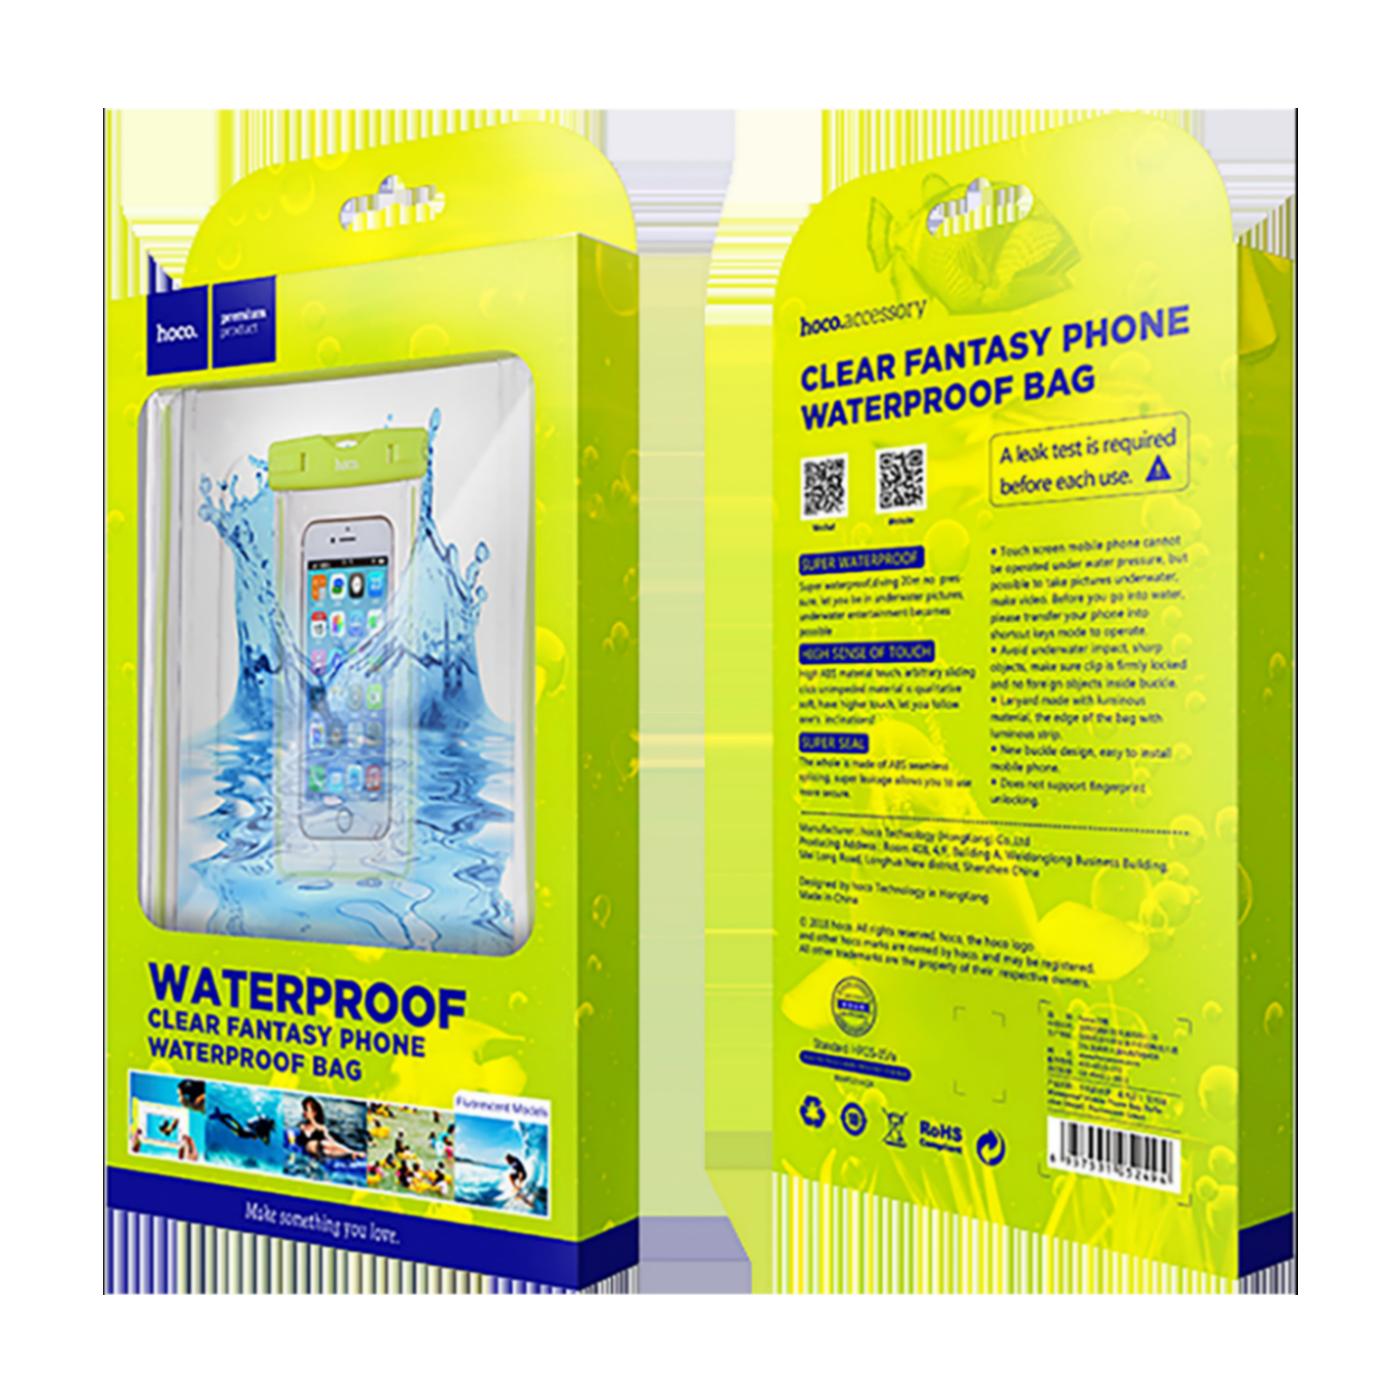 Clear fantasy waterproof bag, GR